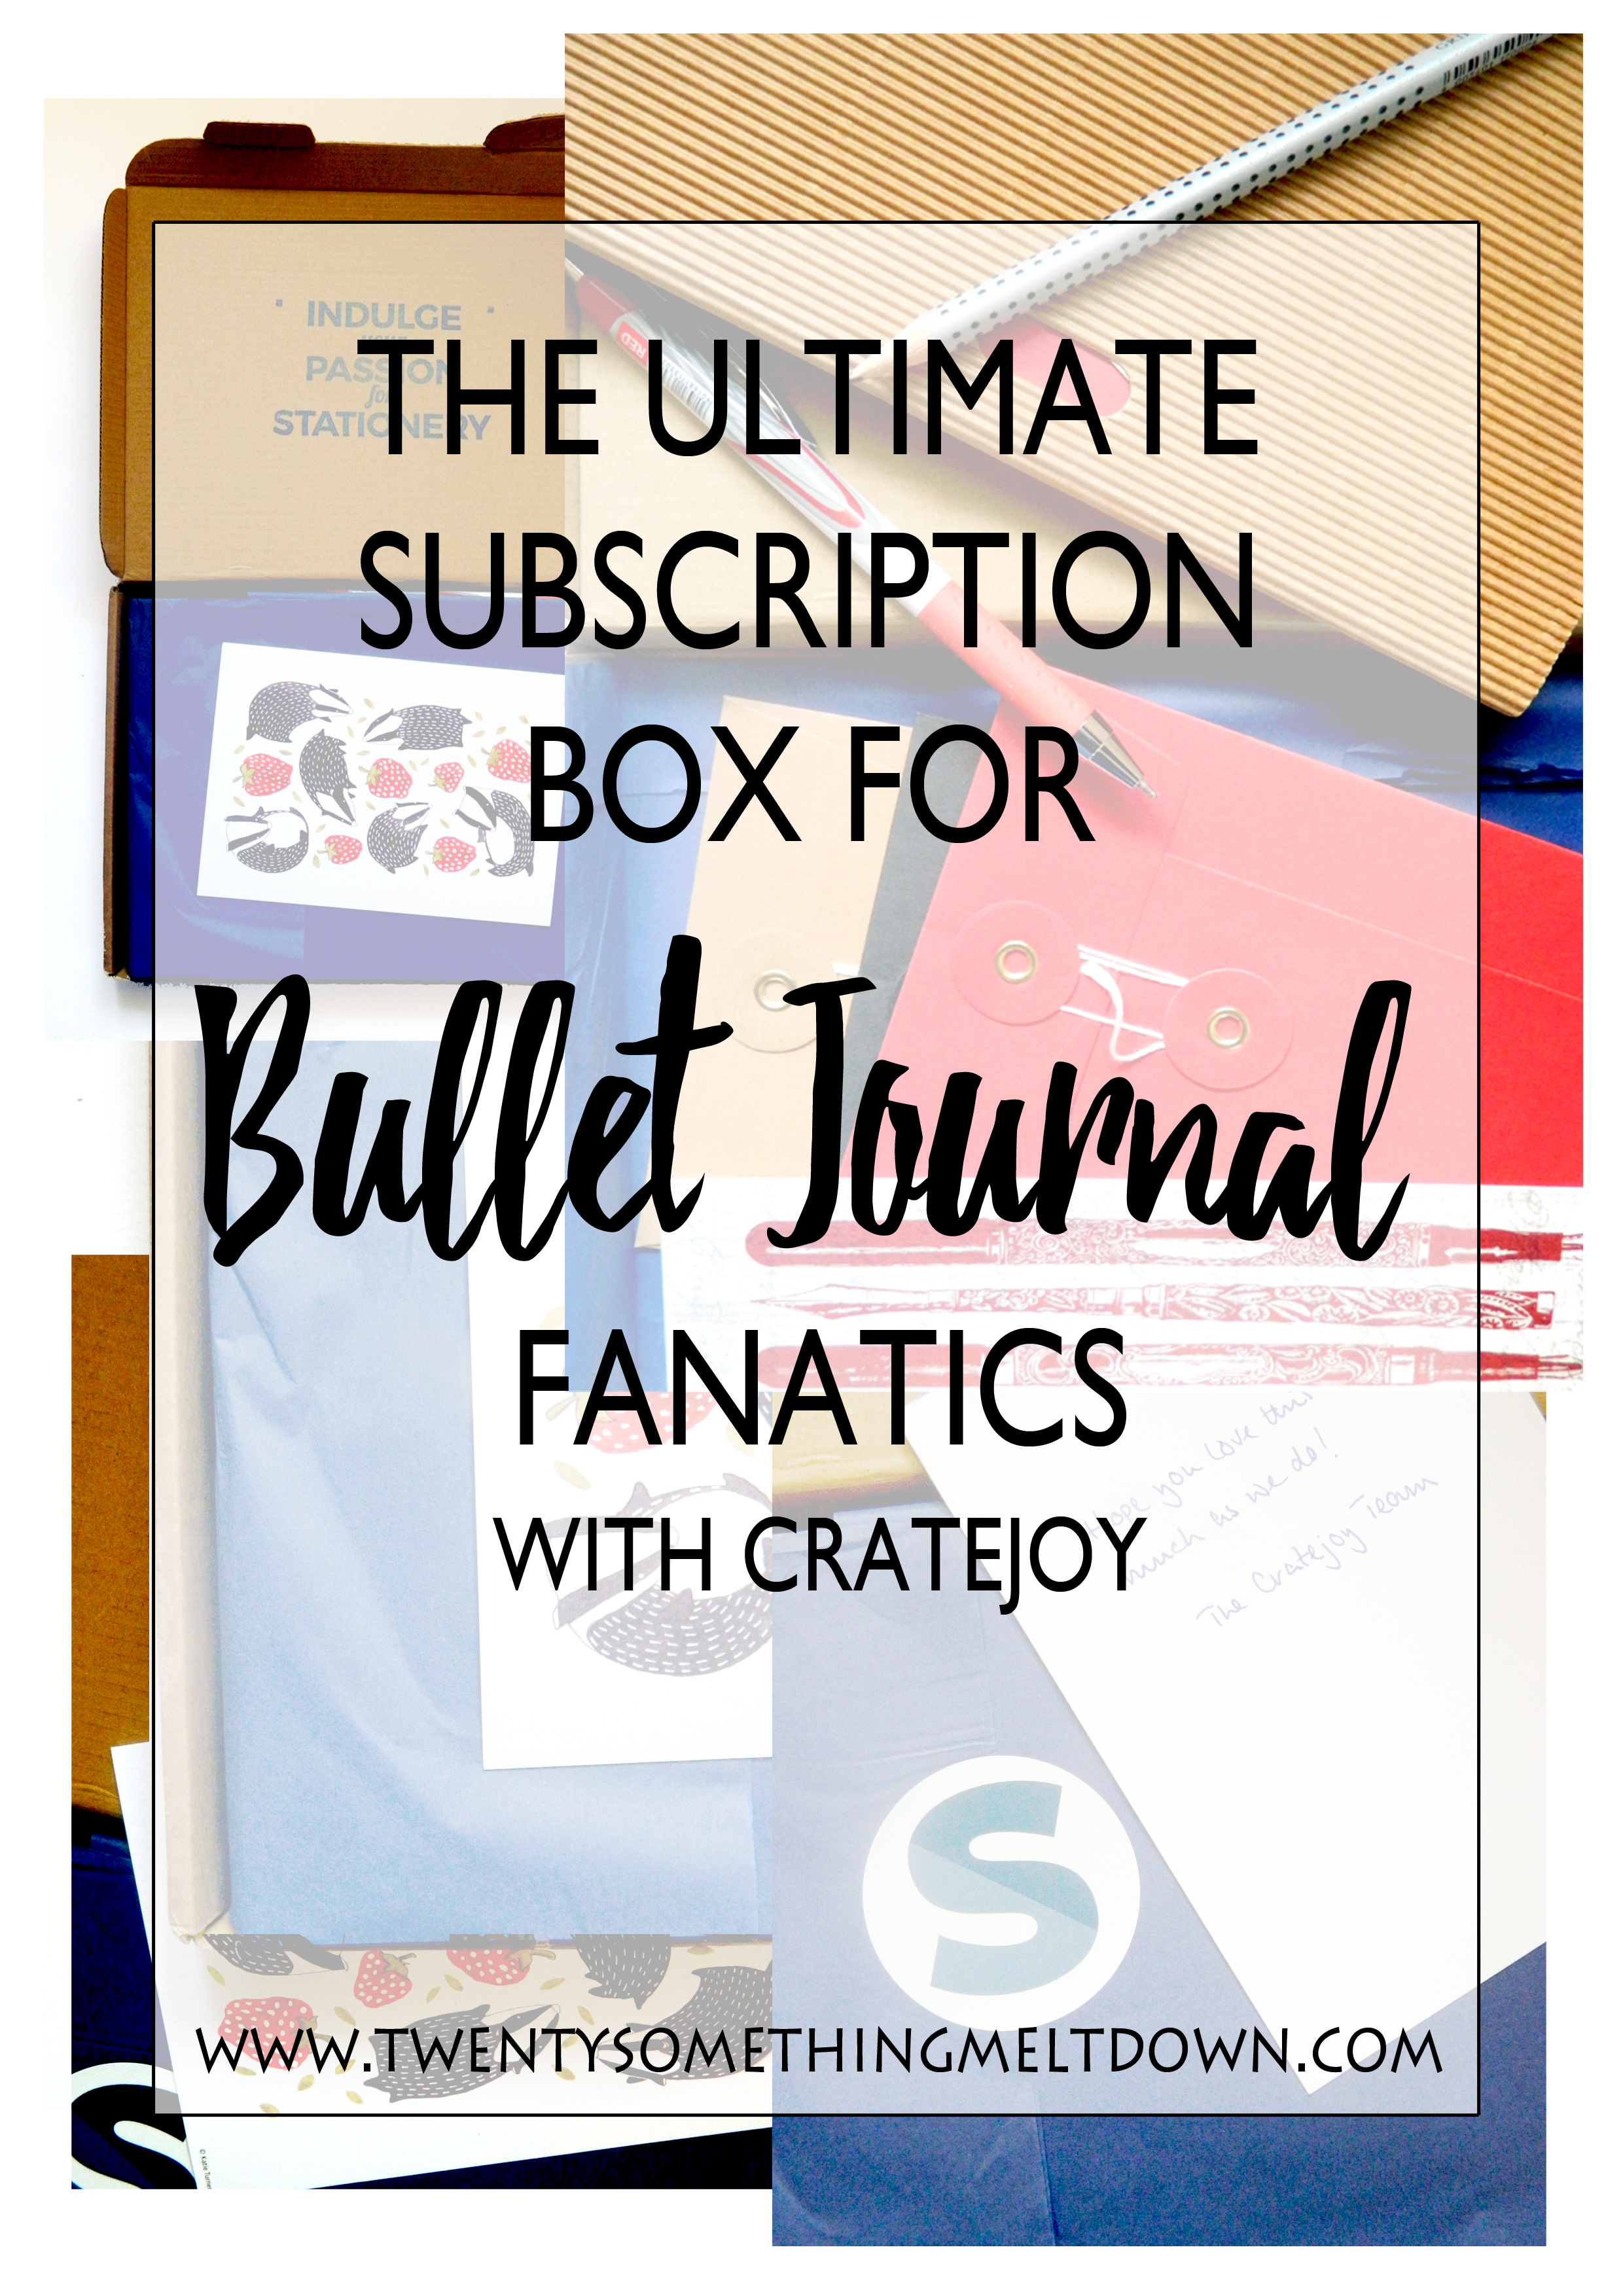 cratejoysubscriptionbox.jpg